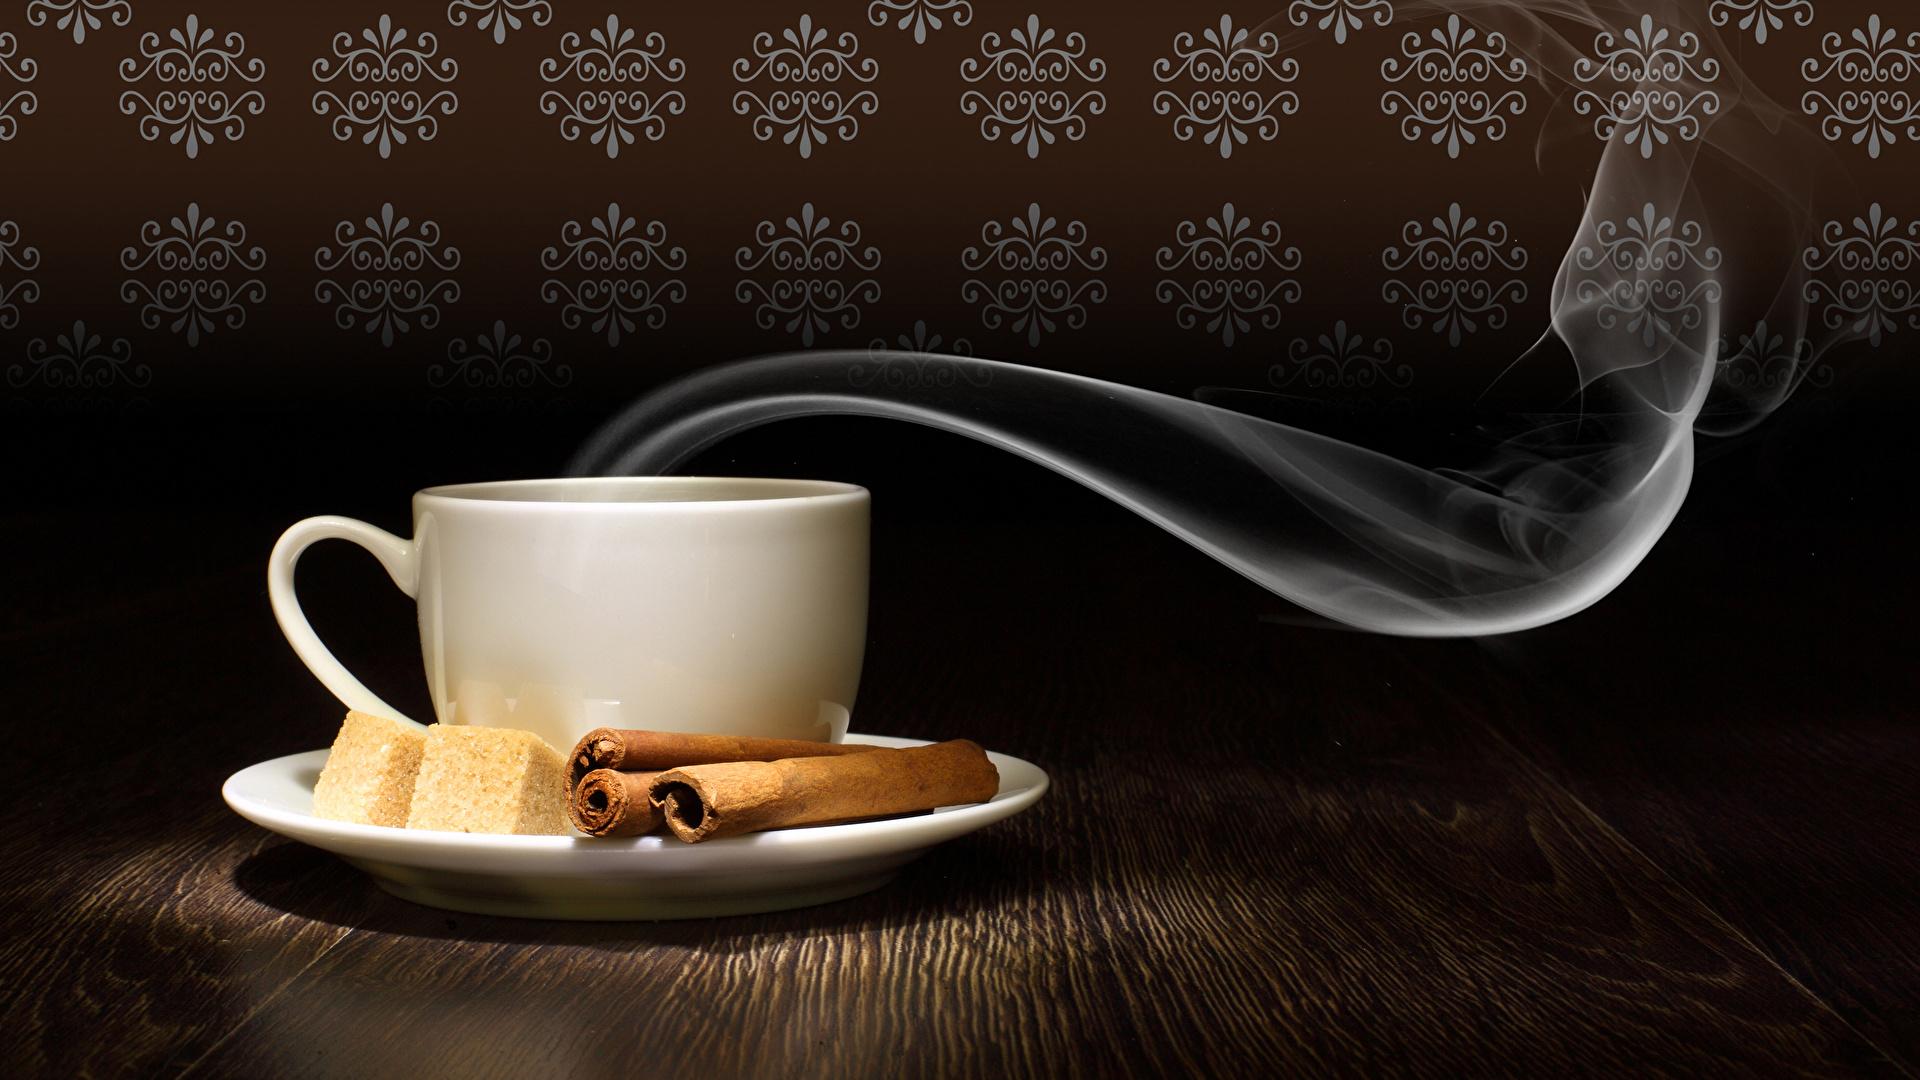 Desktop Wallpapers Sugar Cinnamon Cup Food Vapor 1920x1080